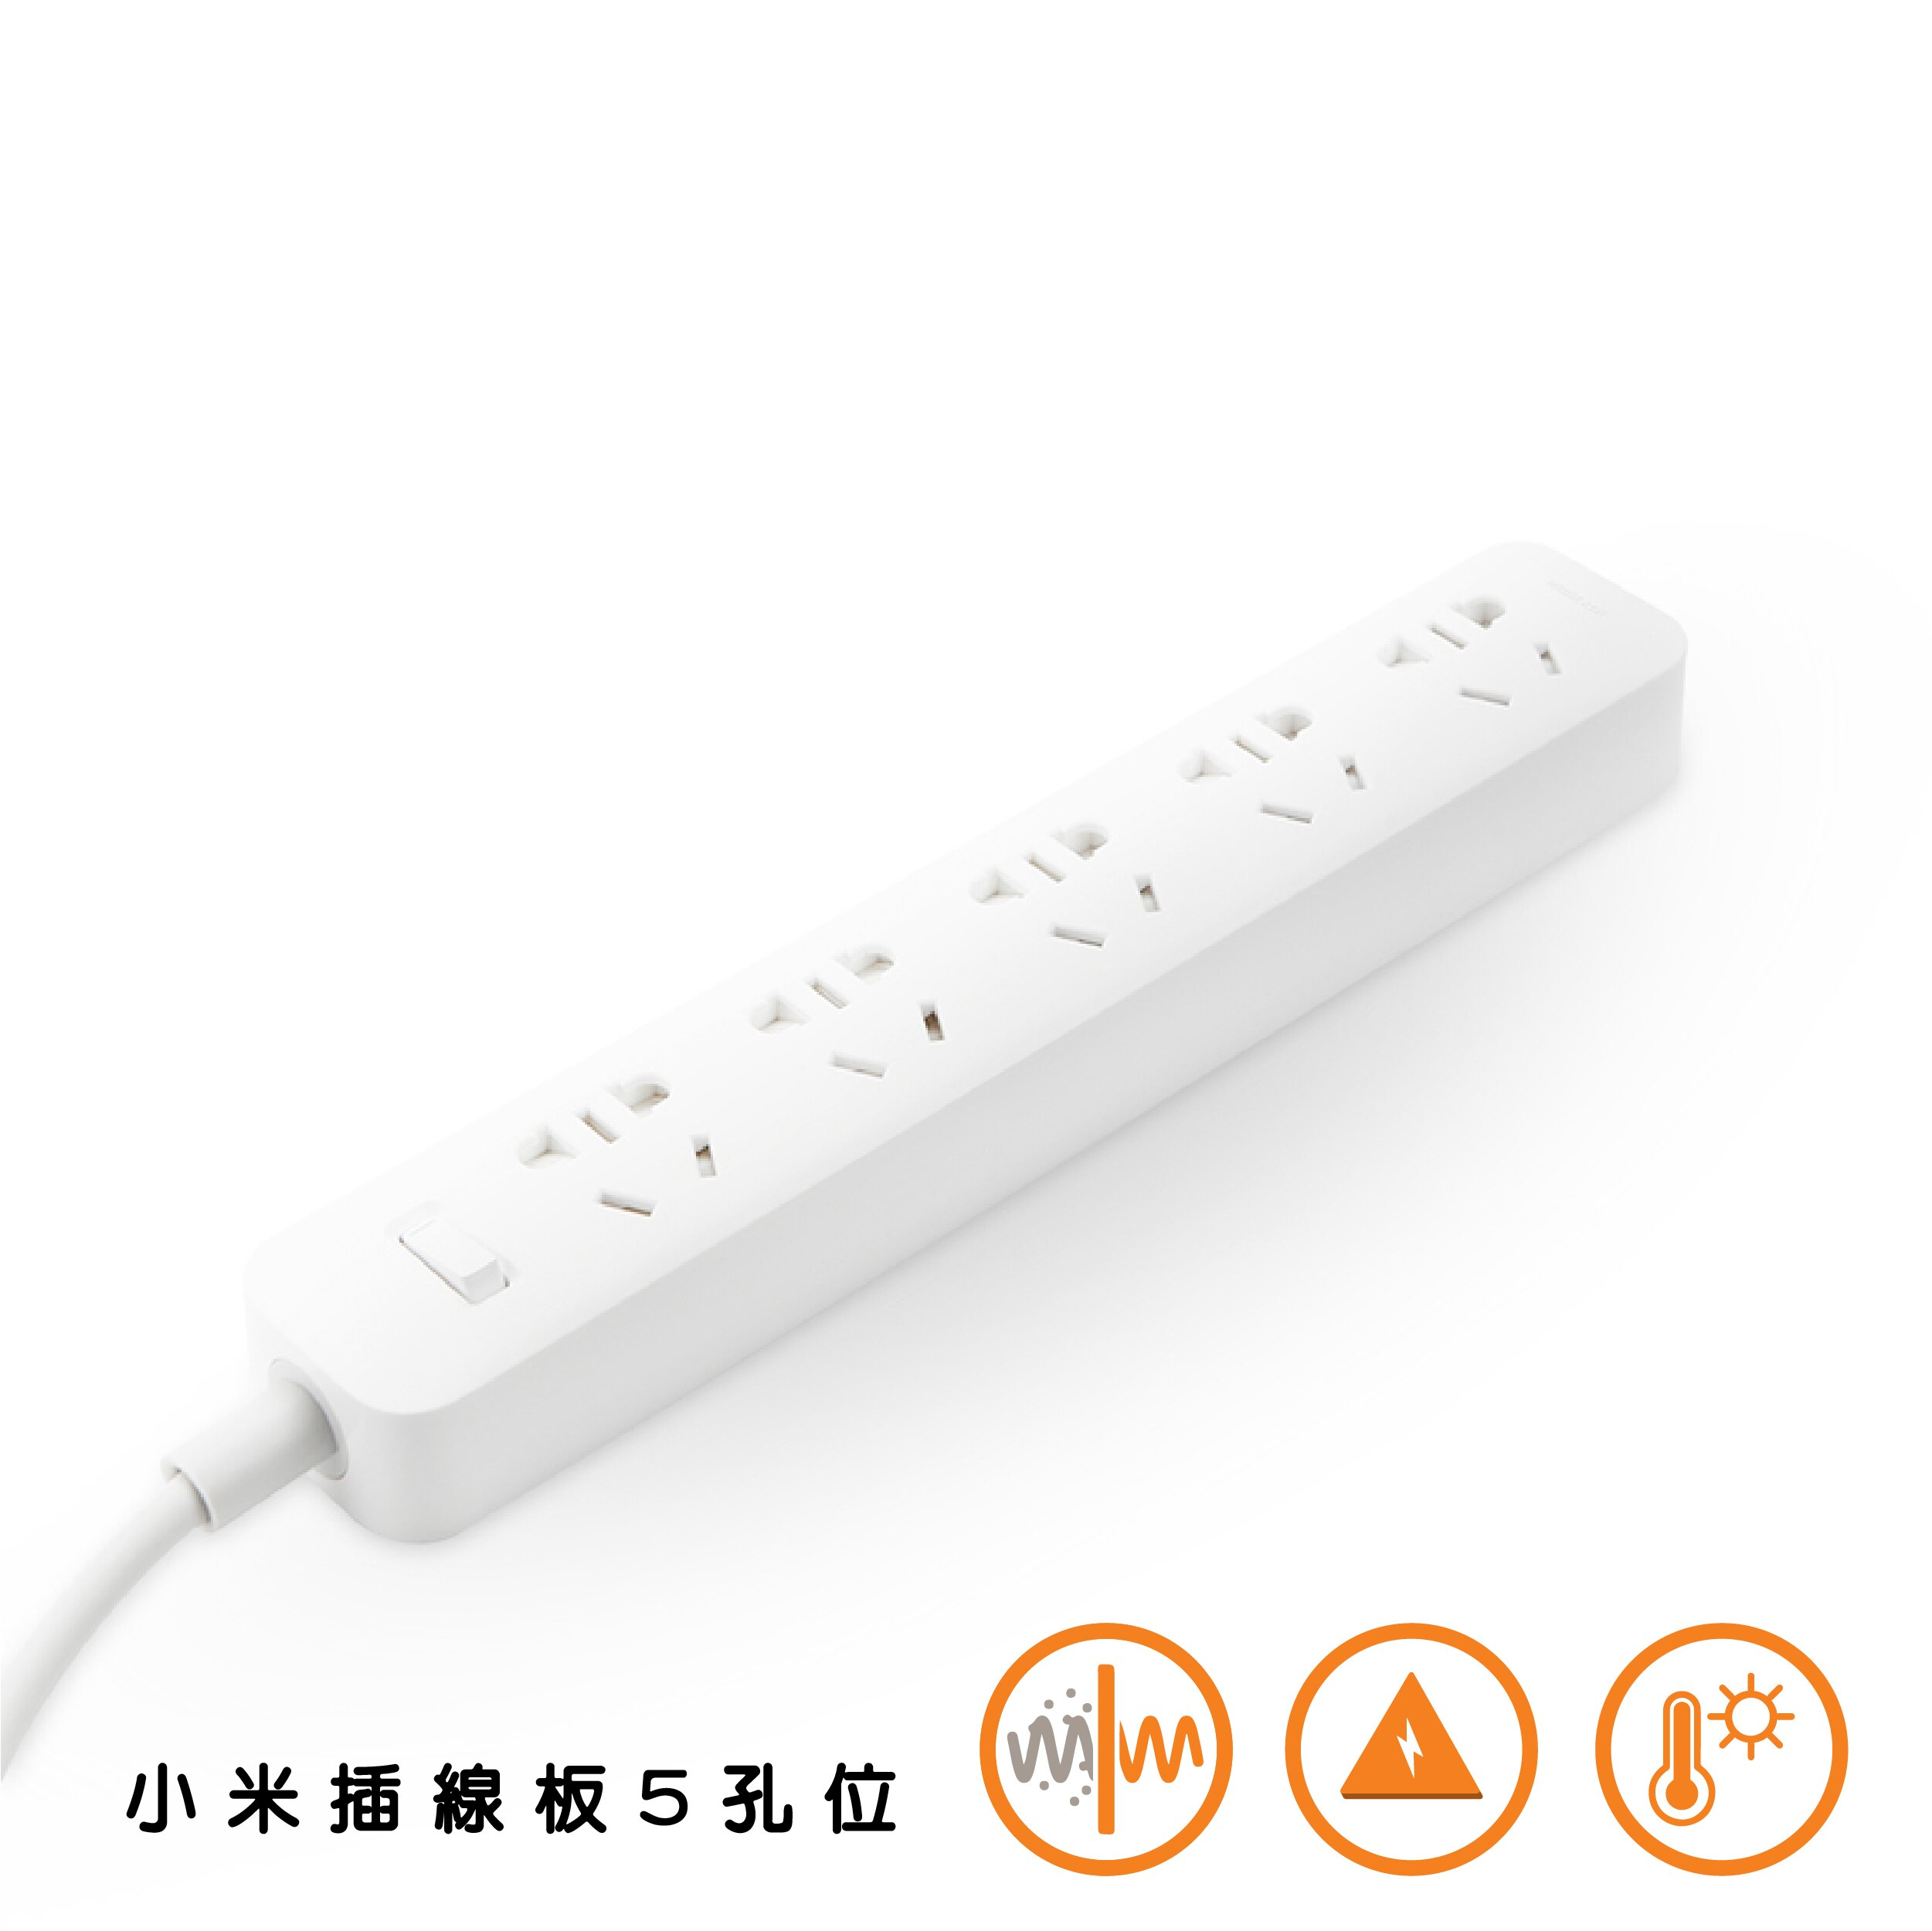 小米插線板 5位國際組合插孔 5孔 擴充 USB充電頭 萬用插座 充電 智能插座 手機快充 延長線【coni shop】